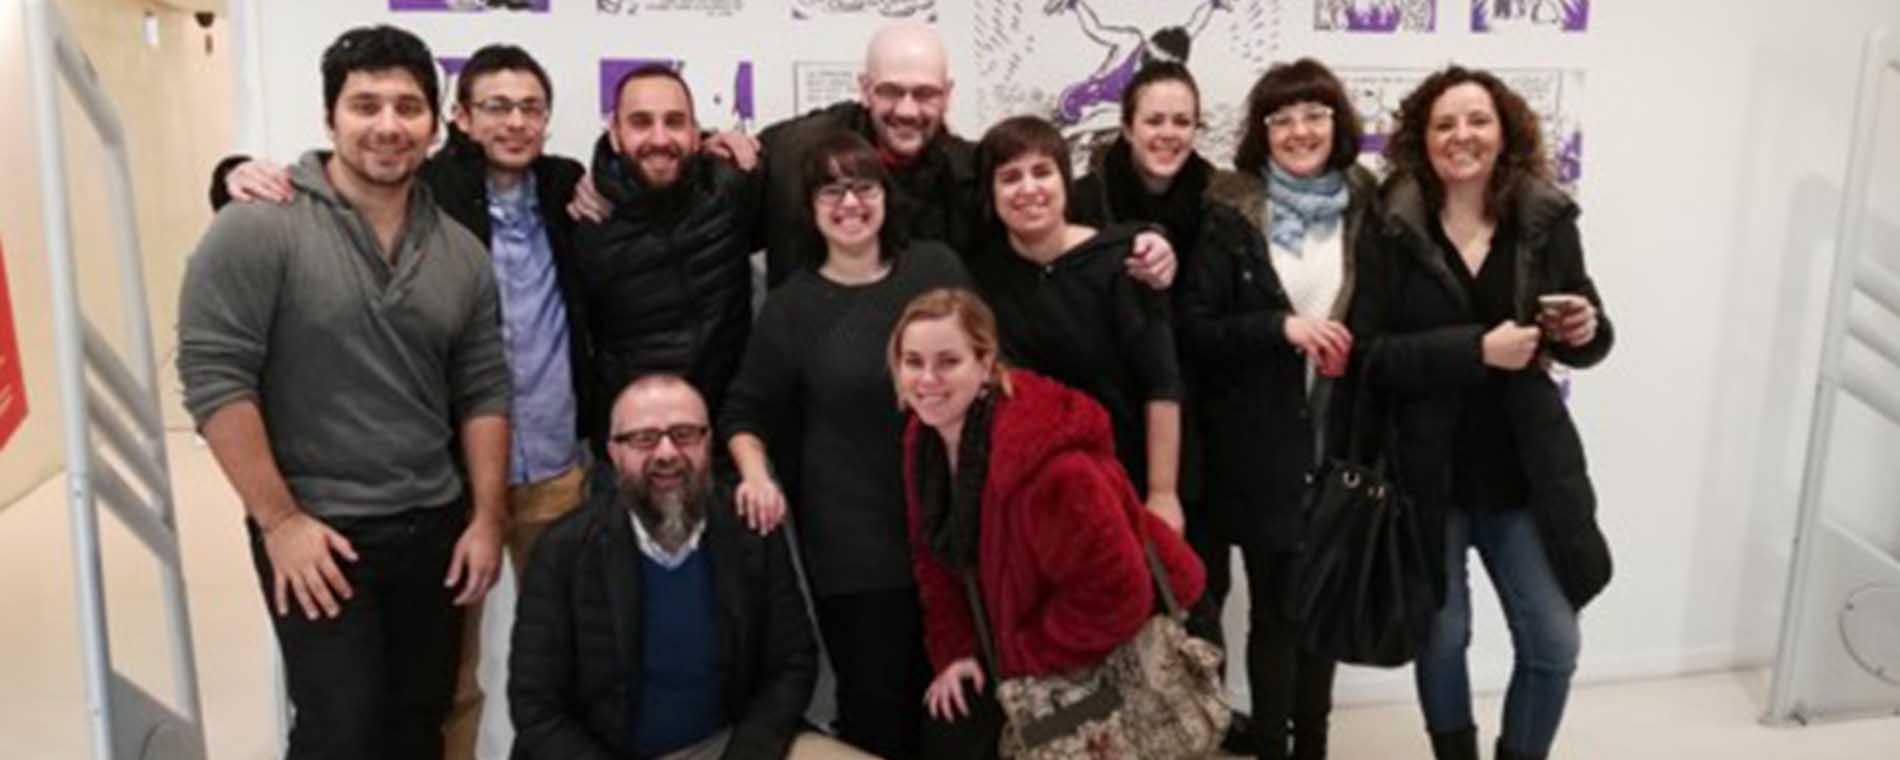 Don-Diseño-Acerca-De-Semillero-de-ideas-Zaragoza-Activa-2015-2